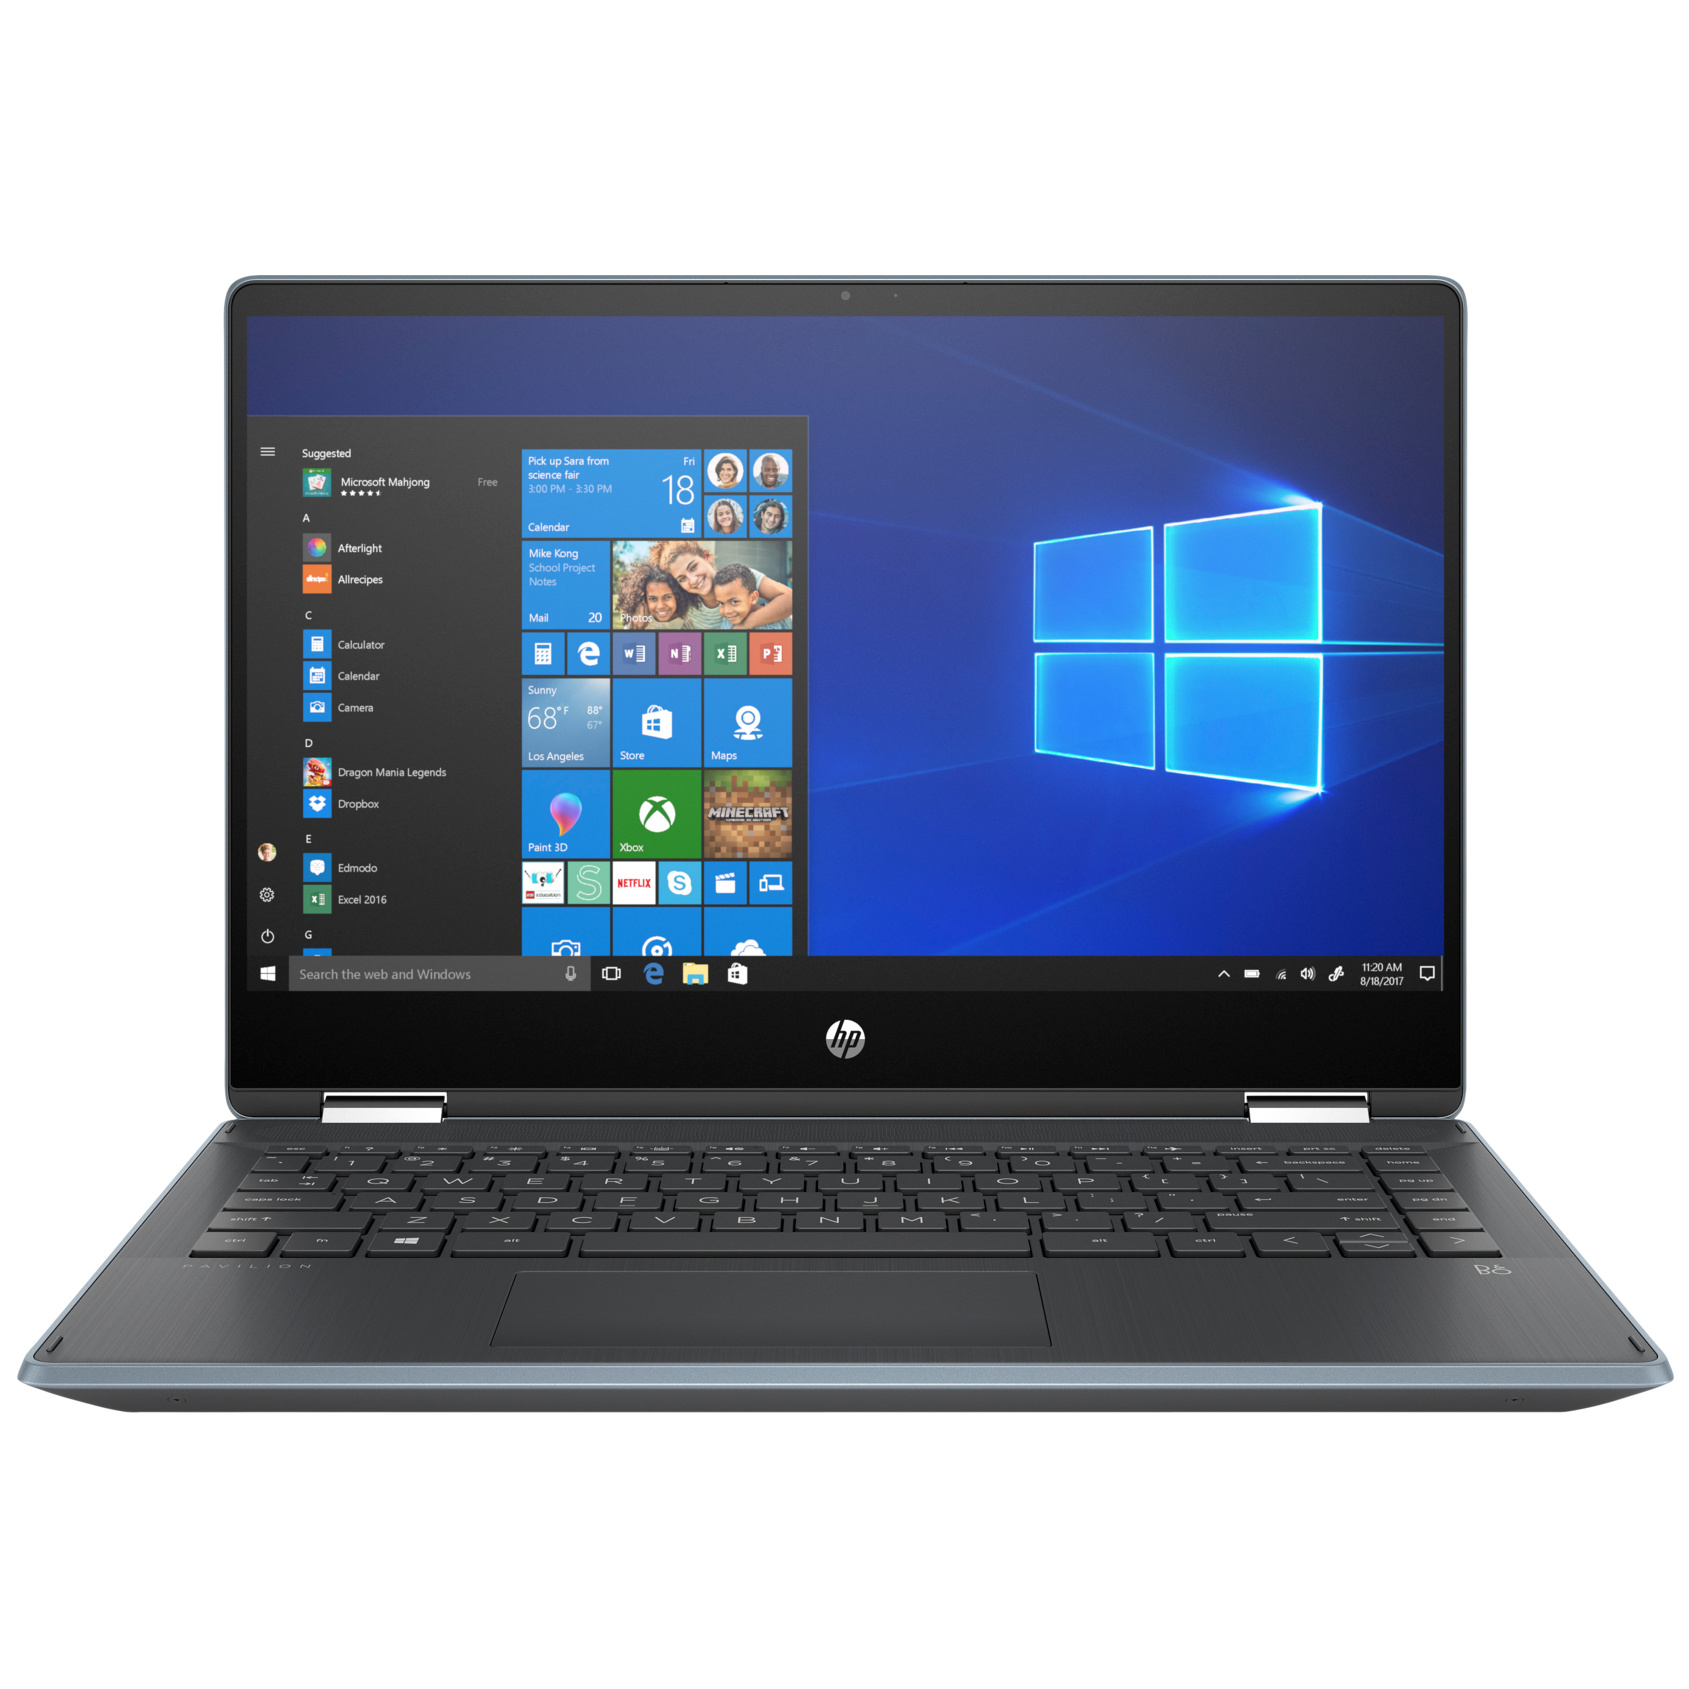 HP PAVILION X360 14-DH0015UR 7DR28EA